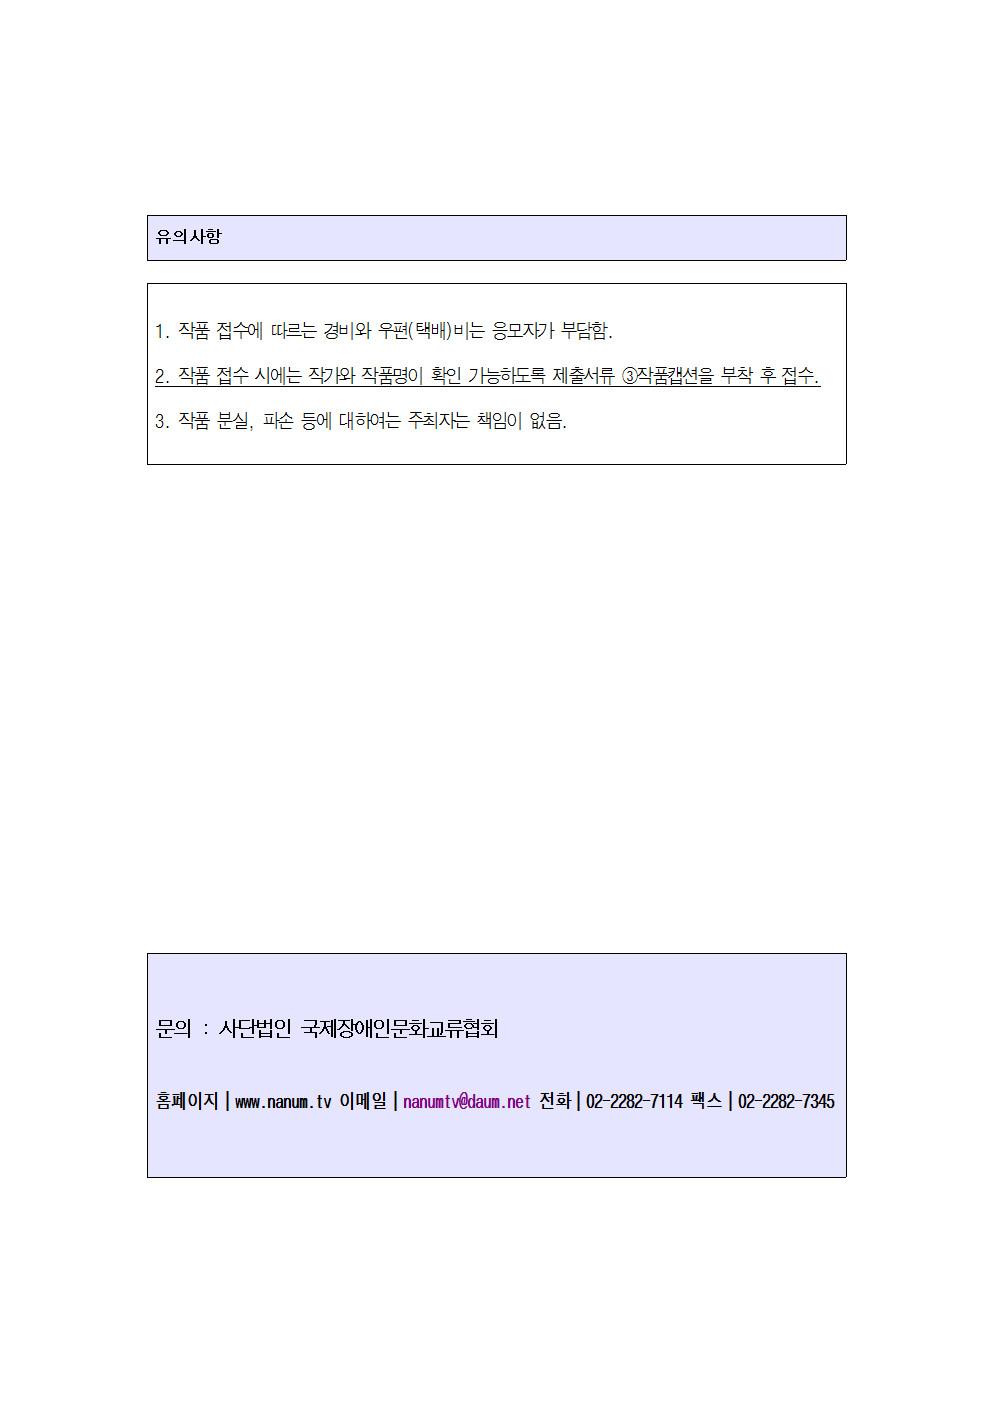 발달장애인청년작가전2020+선정결과발표 (3).jpg